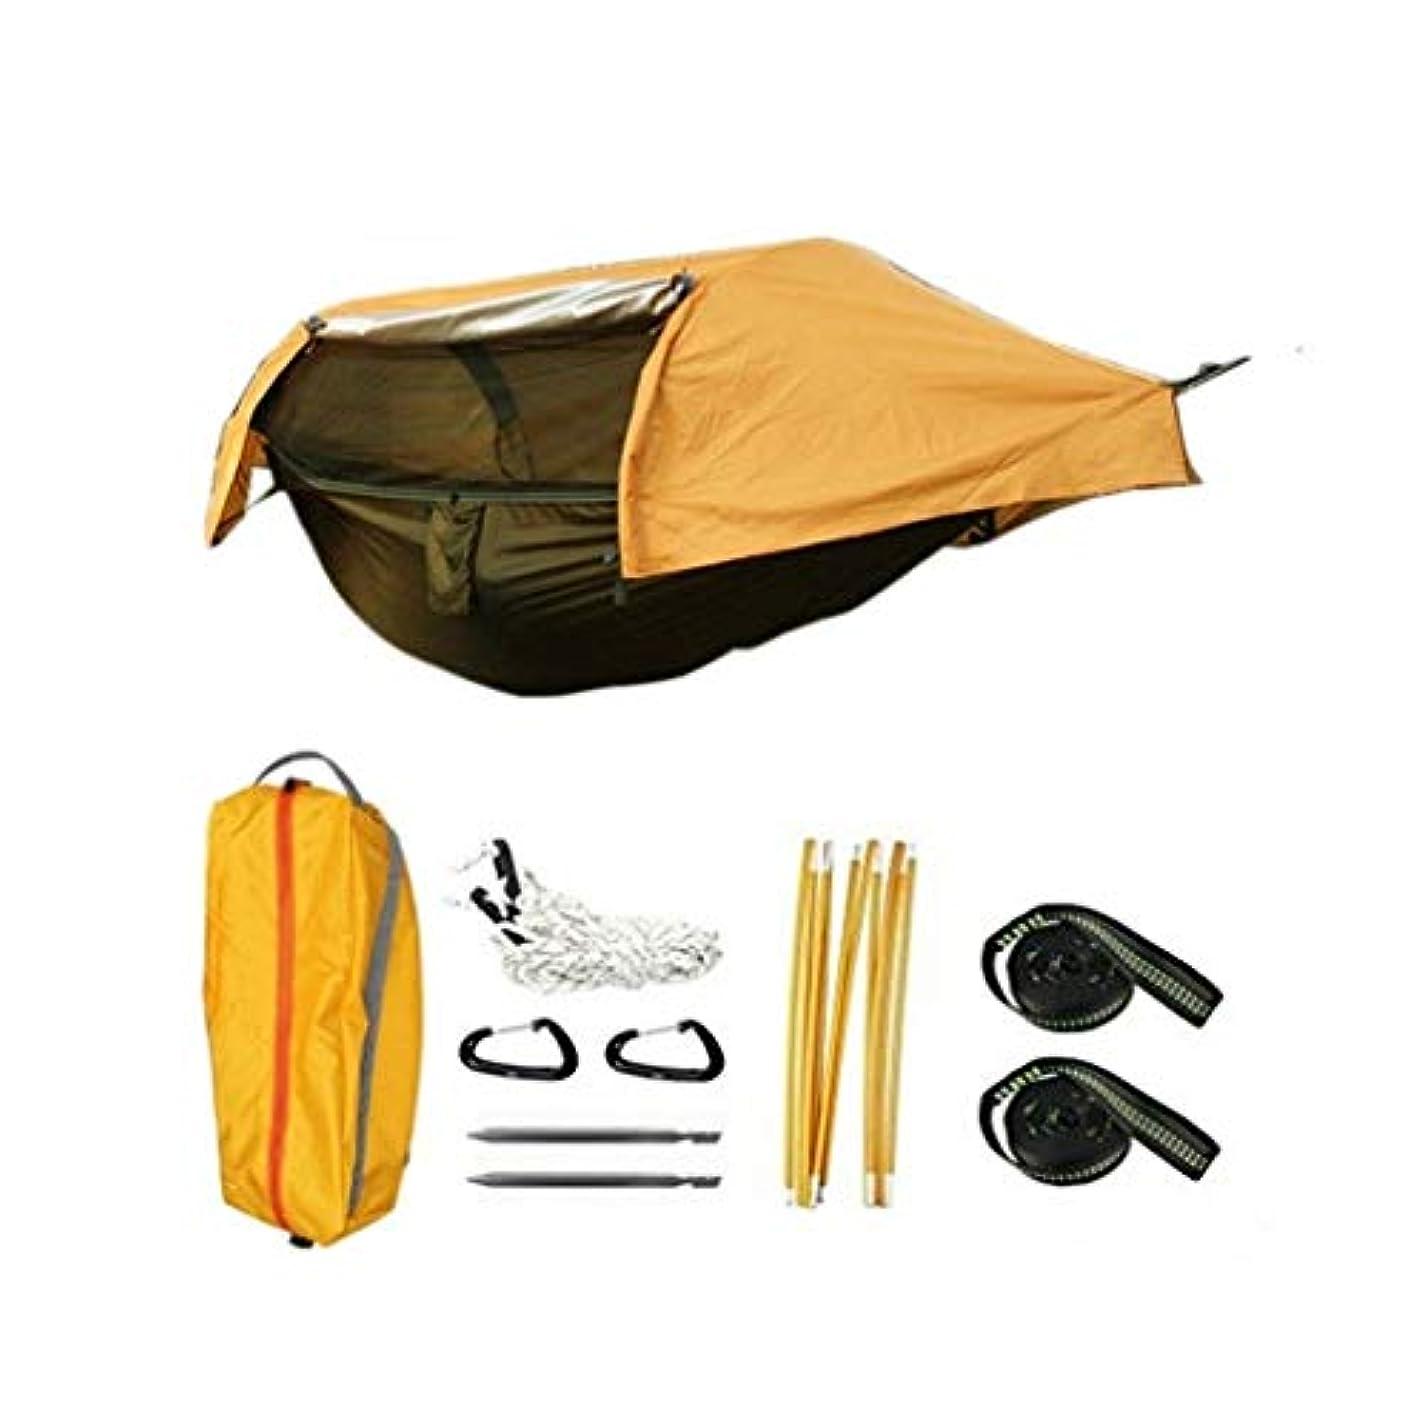 小間意識男やもめ蚊帳付き屋外キャンプハンモックポータブル統合吊り屋外テント蚊地上キャンプツリー (Color : Yellow, Size : 270cm×140cm)